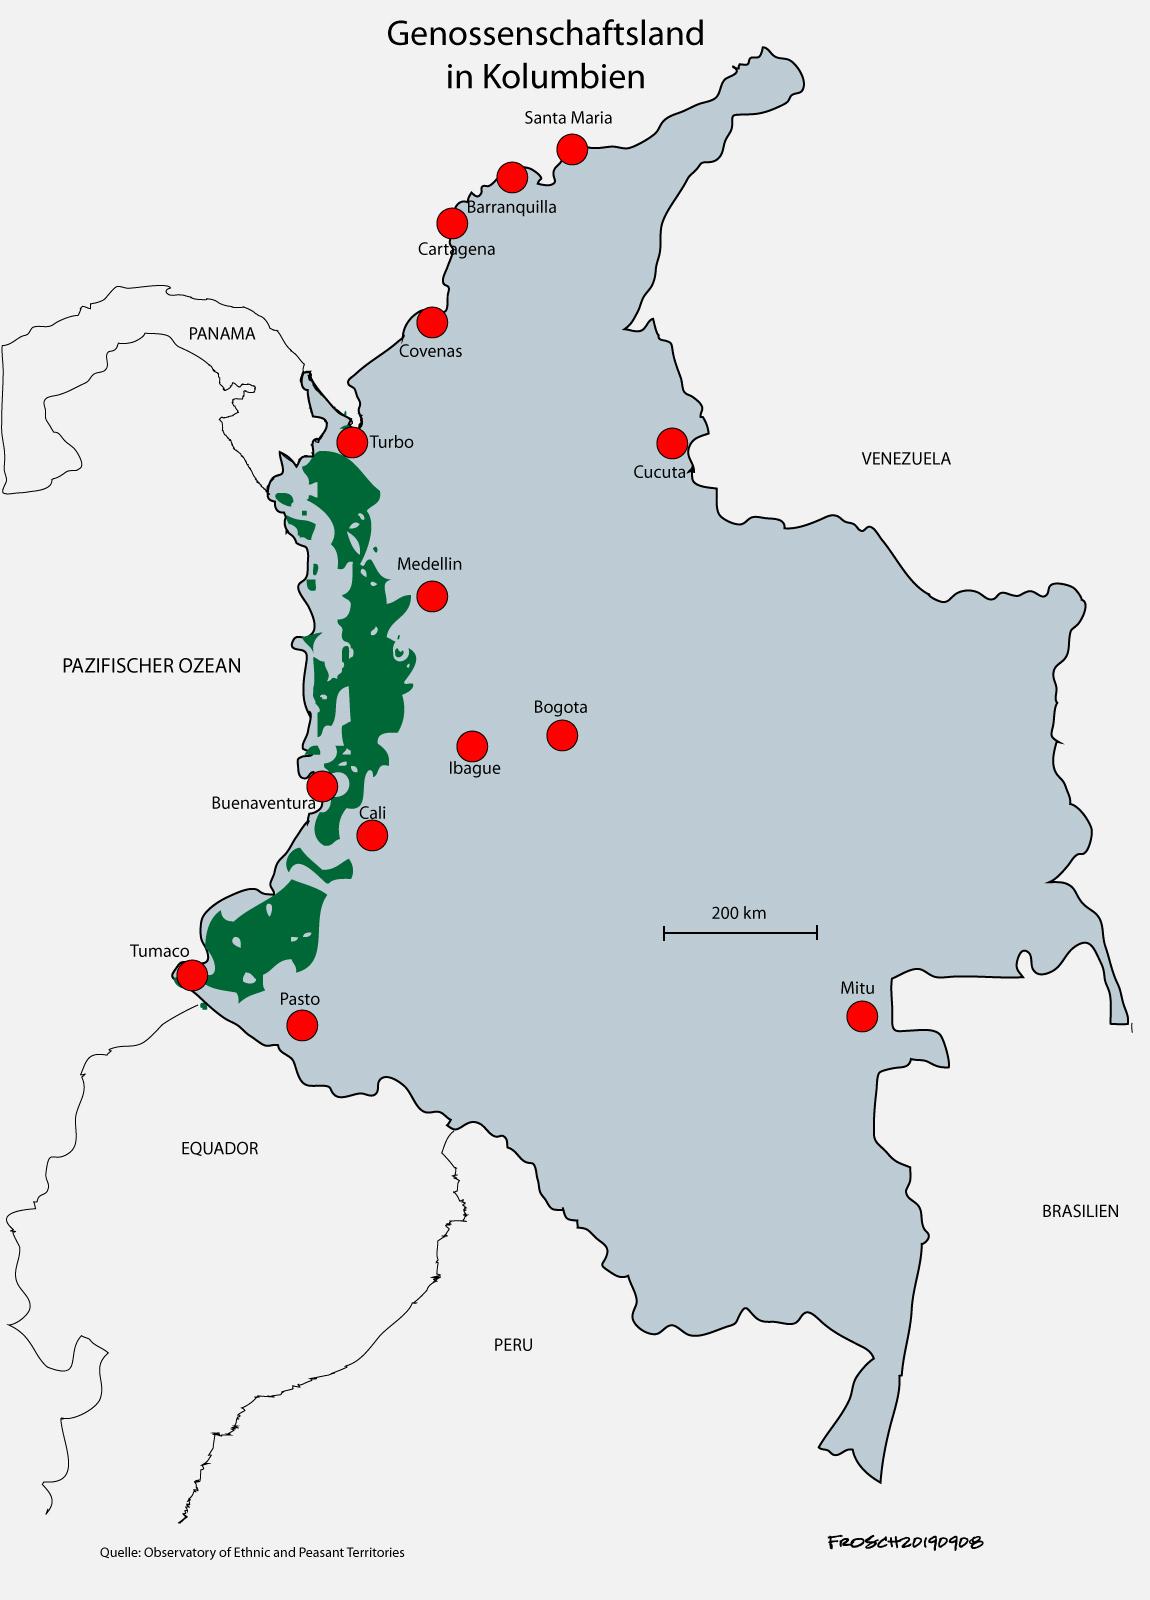 Genossenschaftsland in Kolumbien